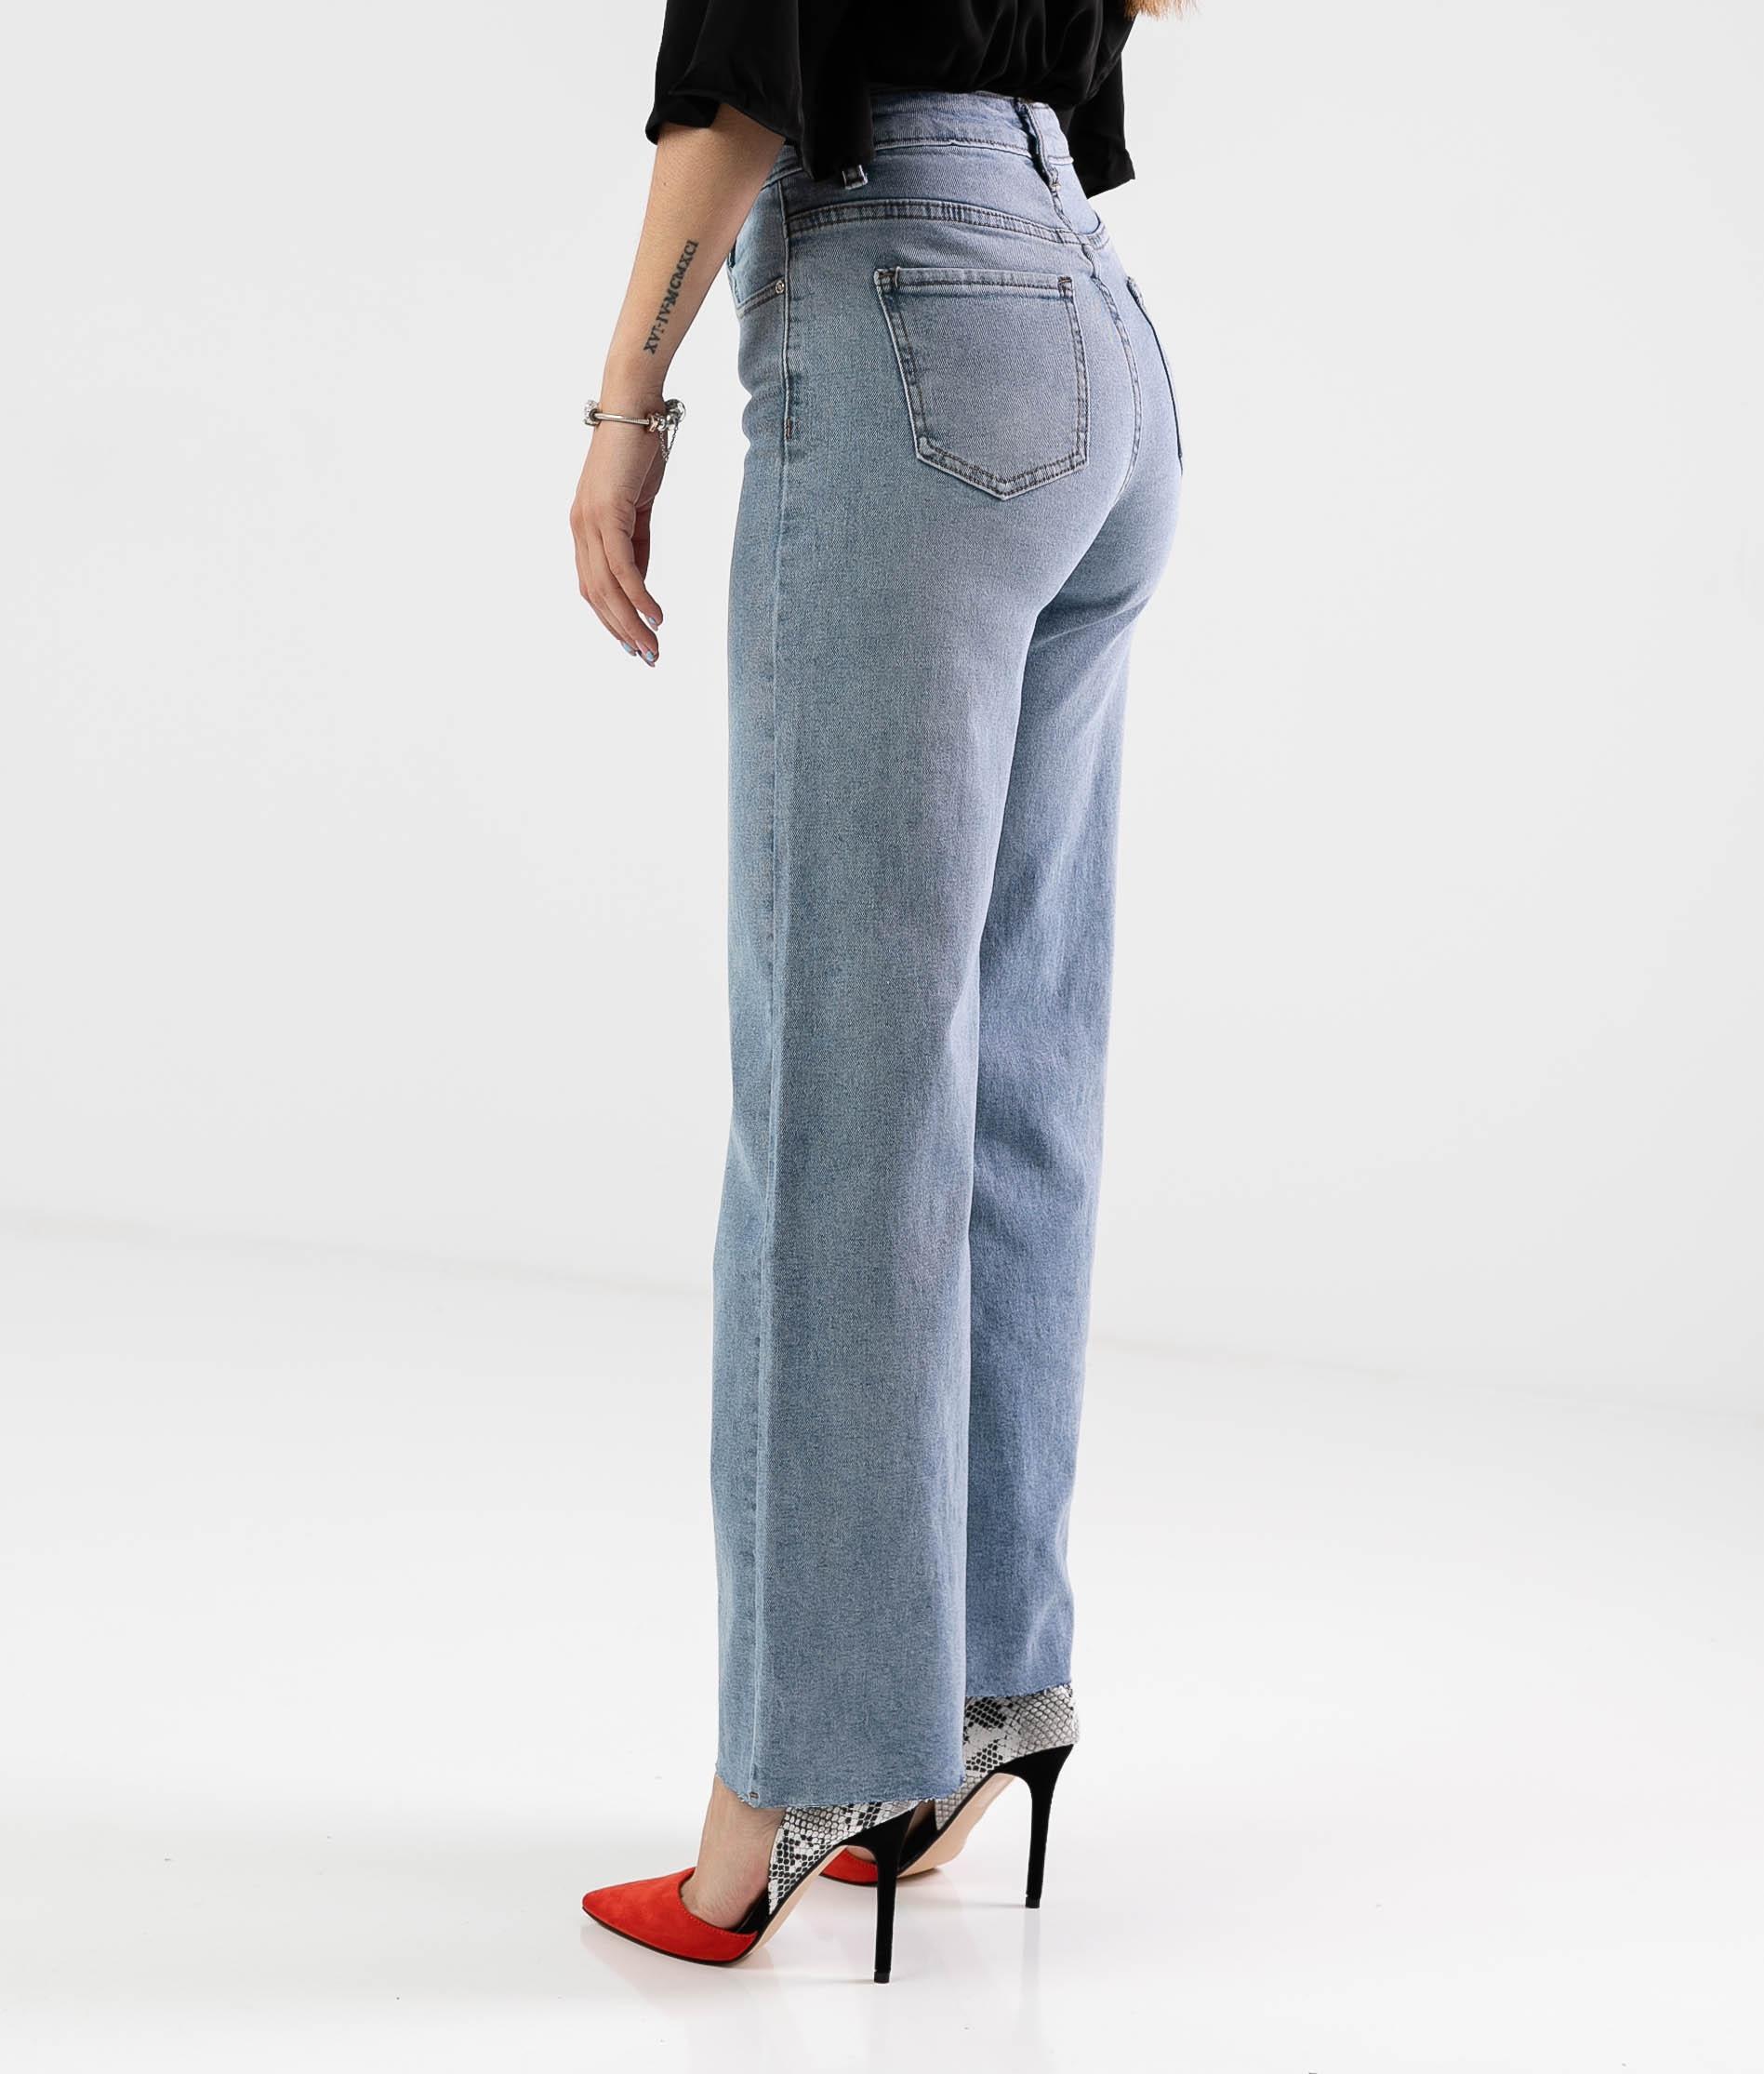 Framel Trousers - Denim